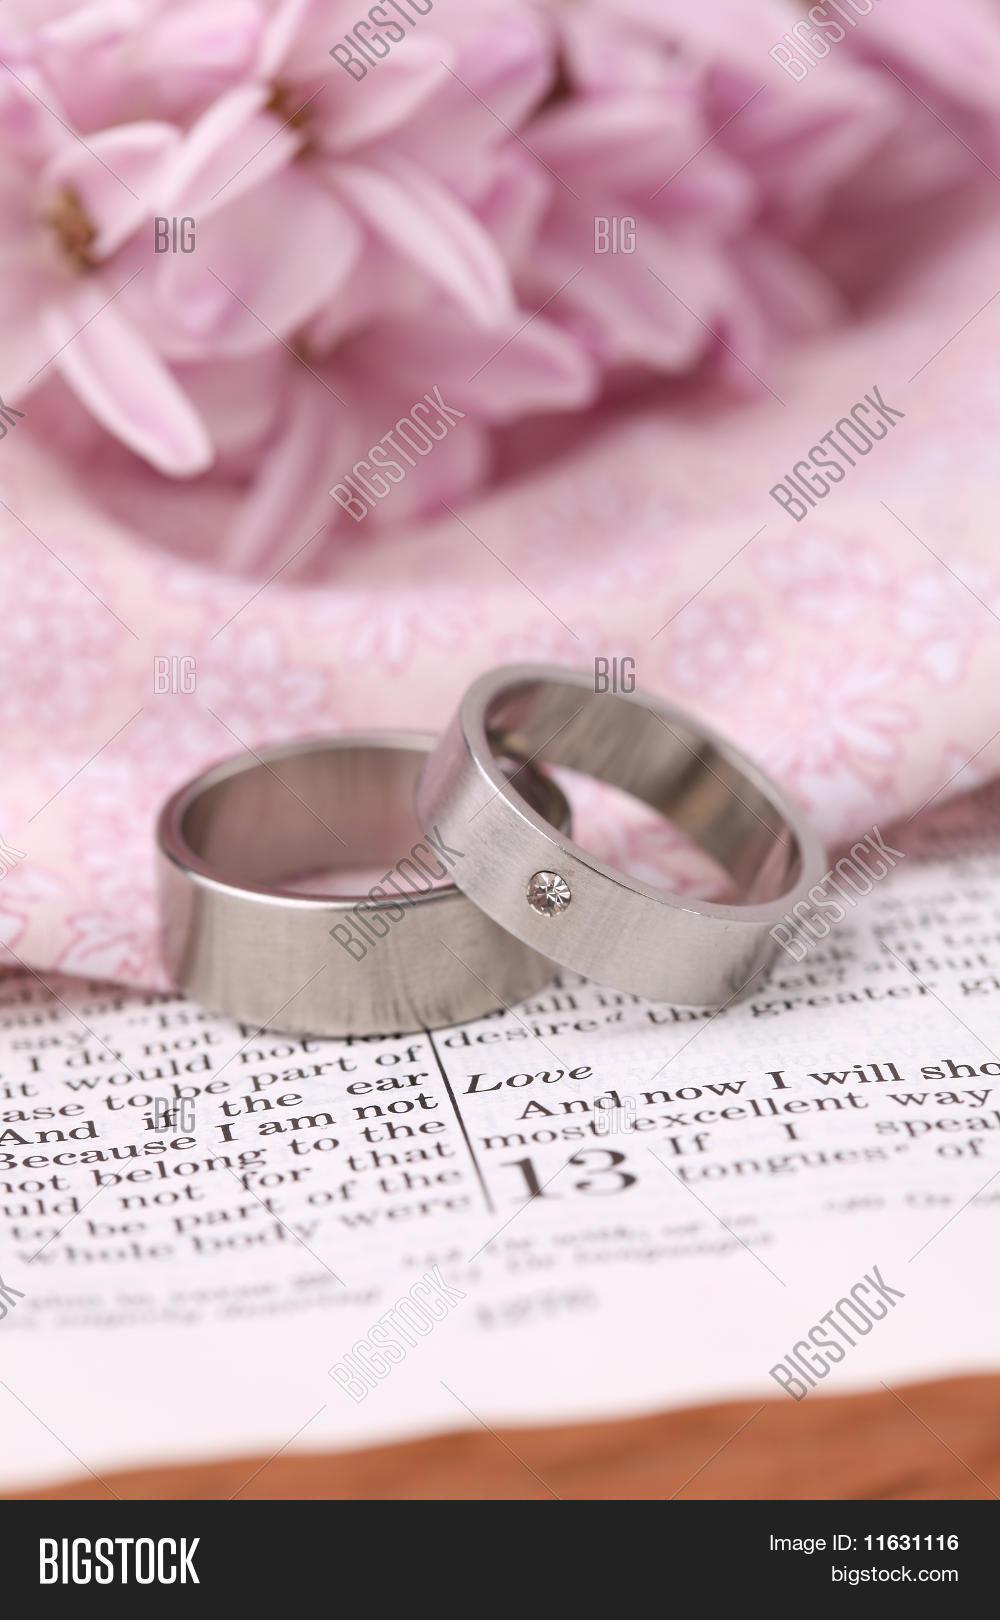 Bible Wedding Rings Image & Photo (Free Trial)   Bigstock